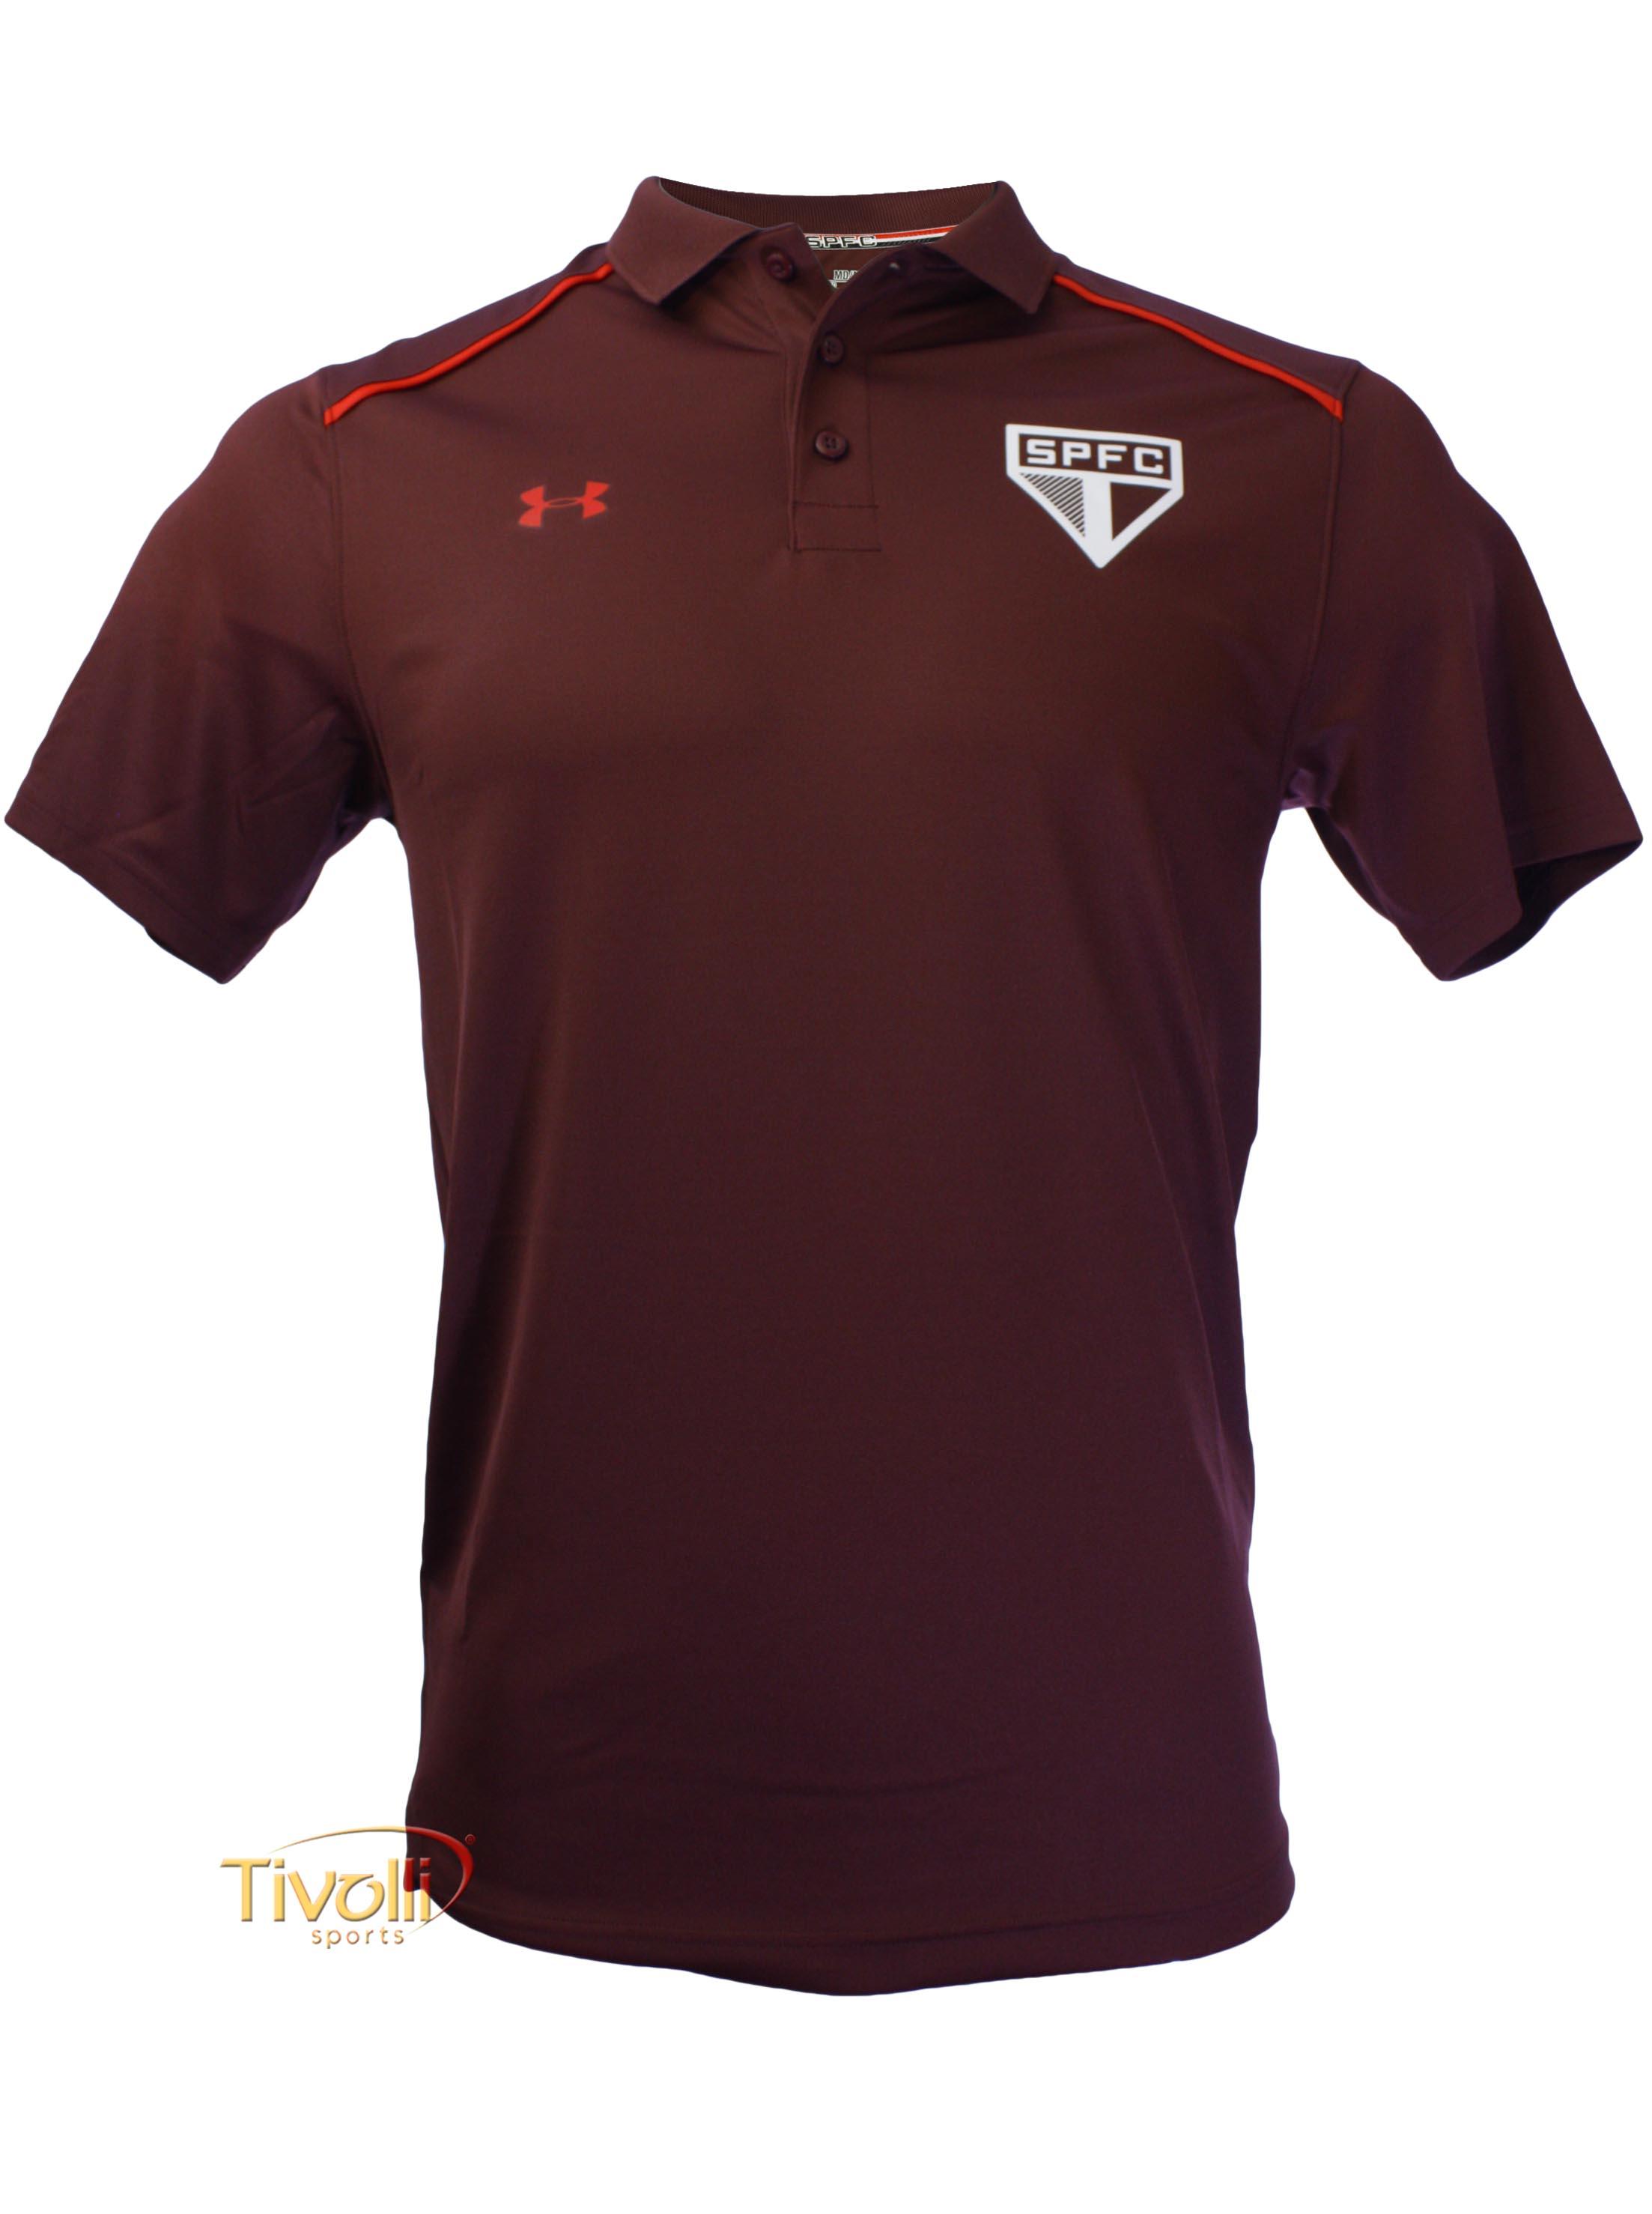 b832ad84996 Camisa Polo São Paulo SPFC 2017 Under Armour